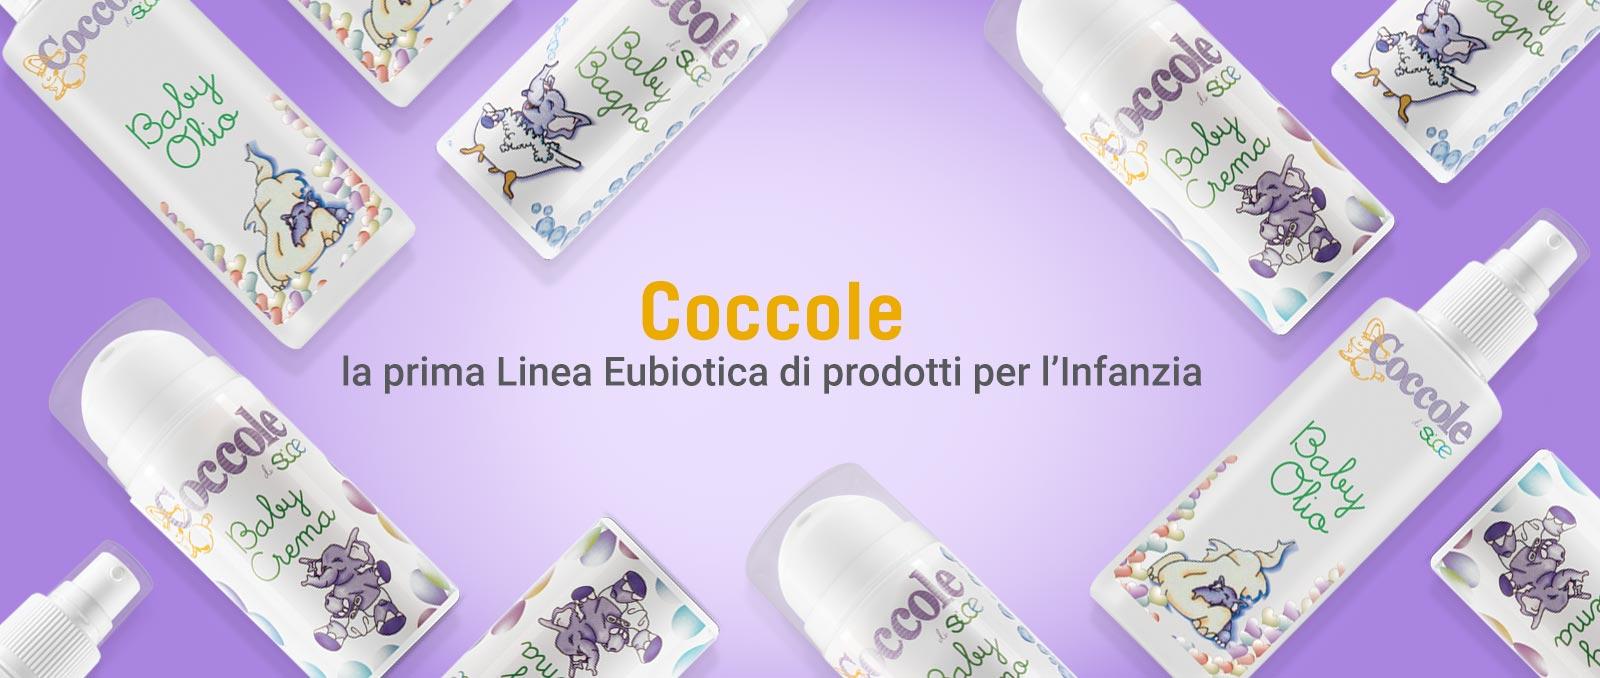 Linea Coccole Sice Eubiotica per i bambini